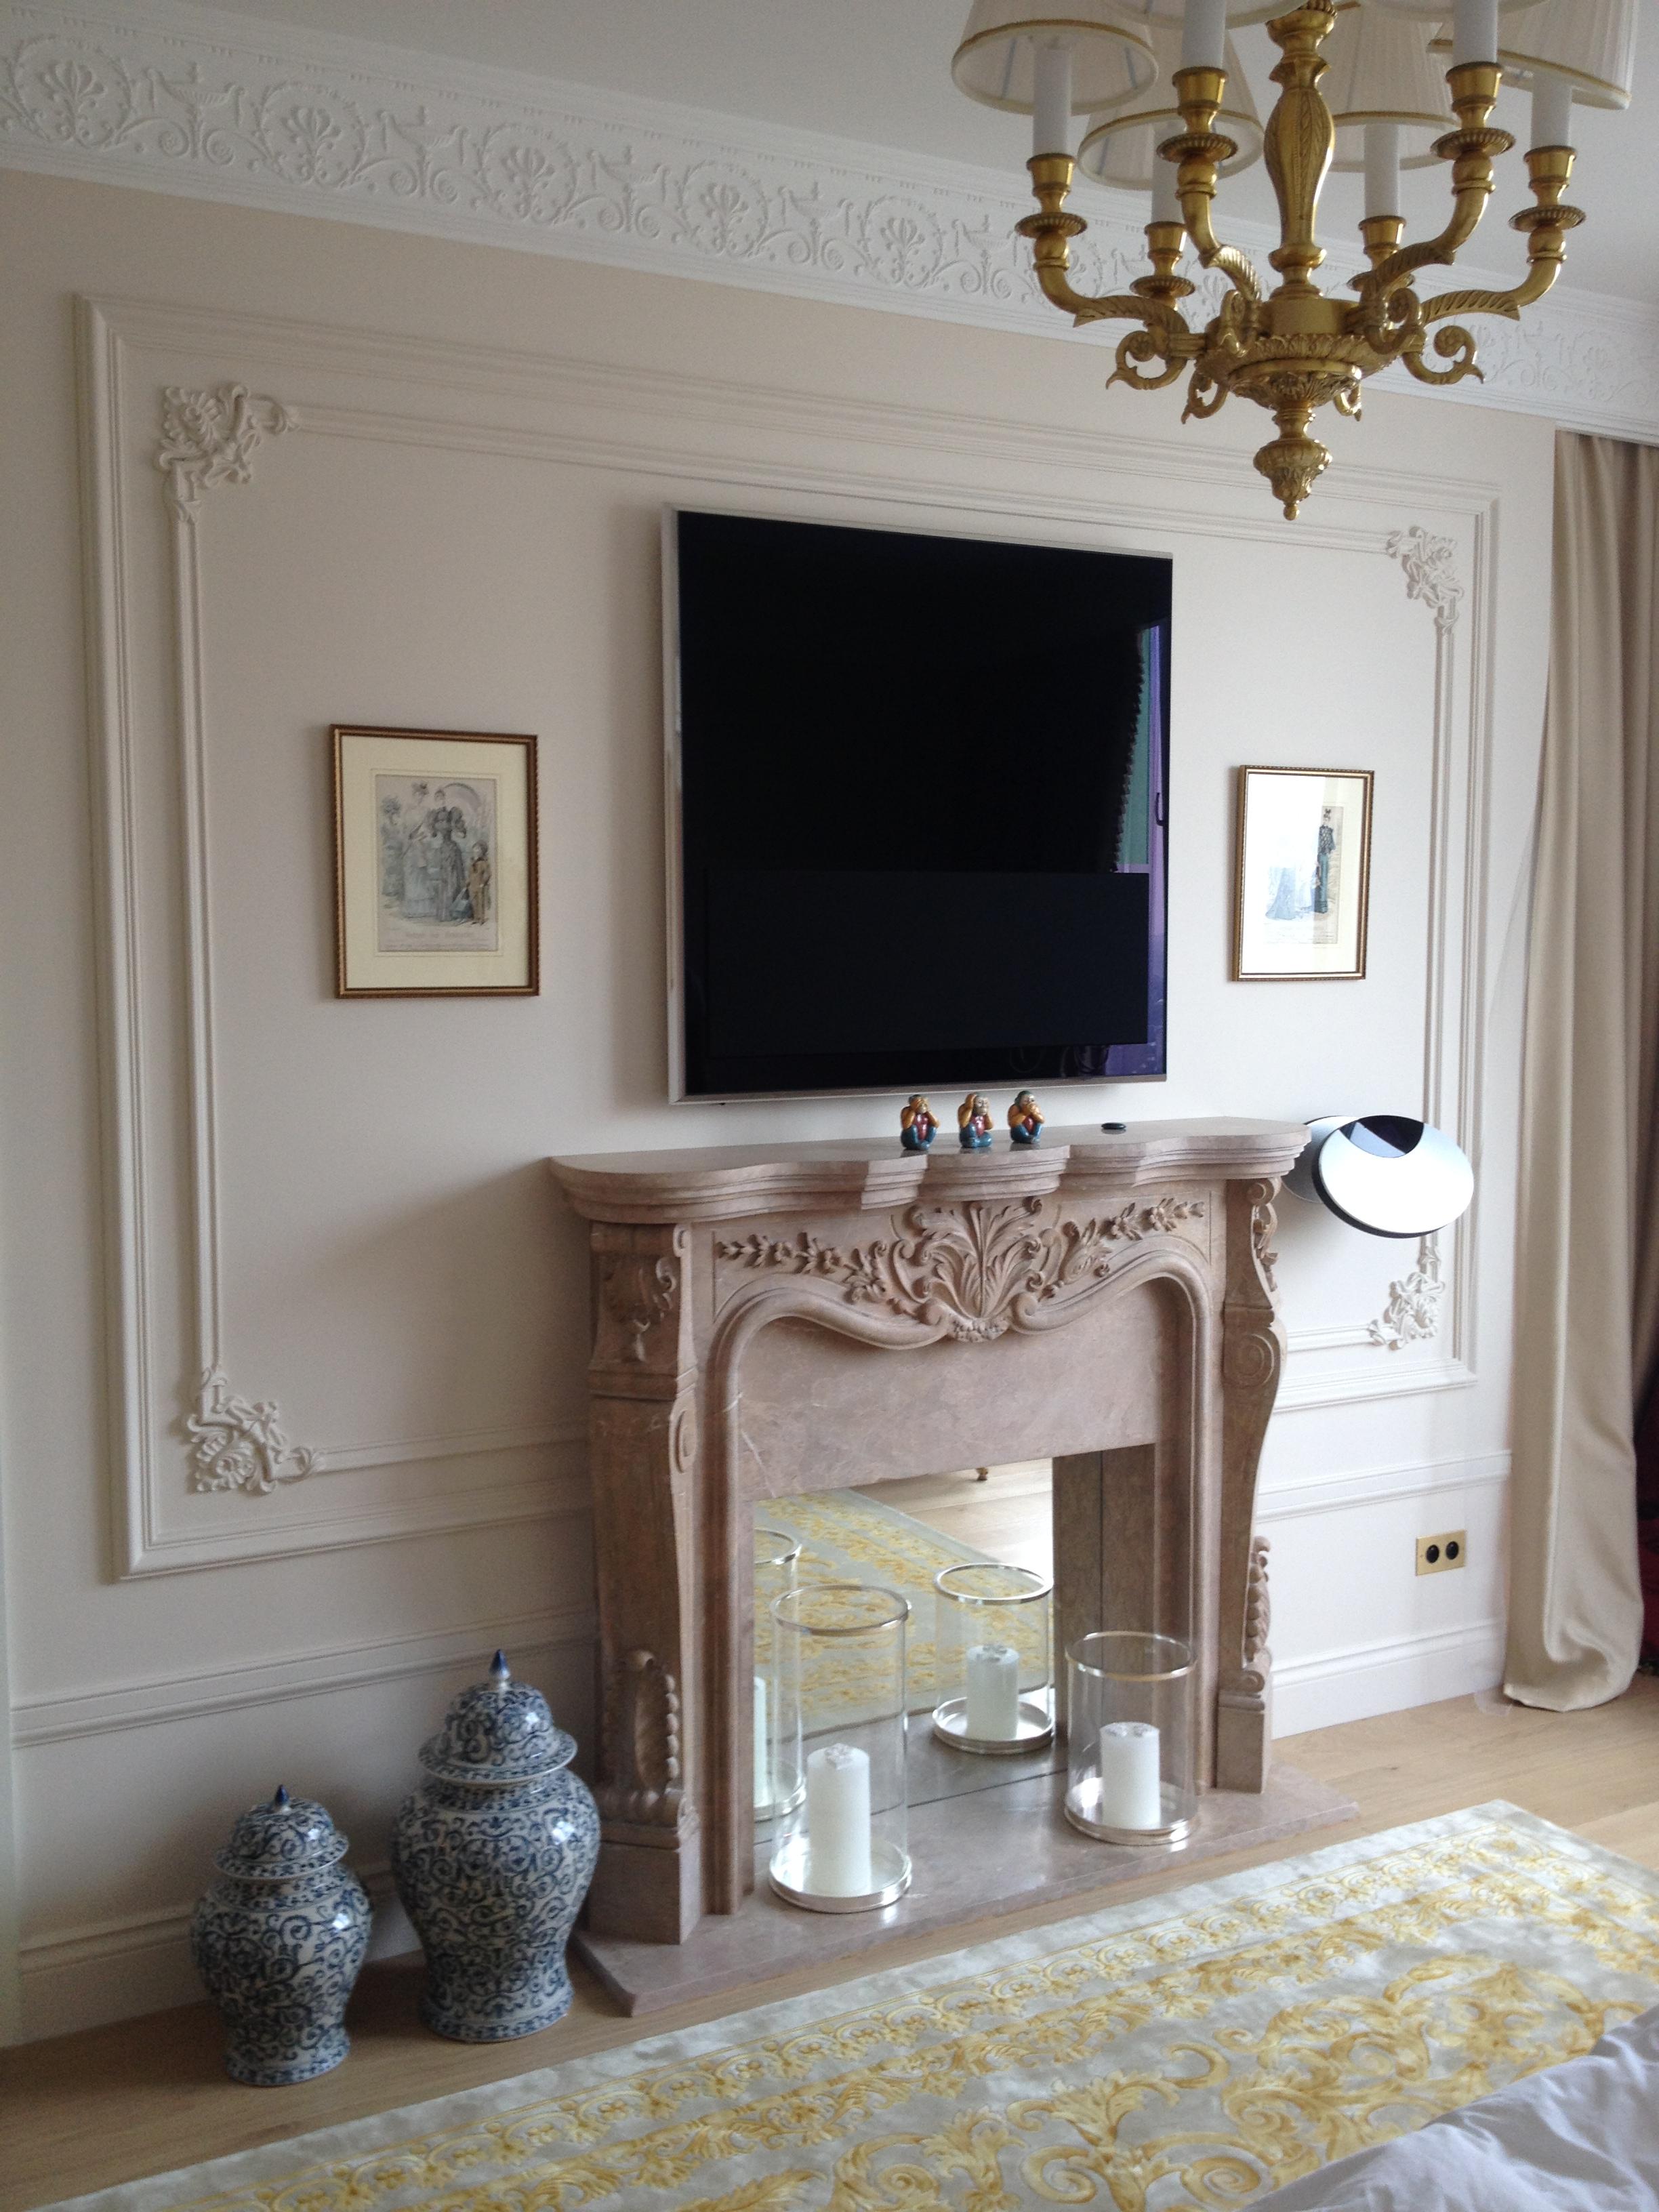 Master bedroom fireplace details